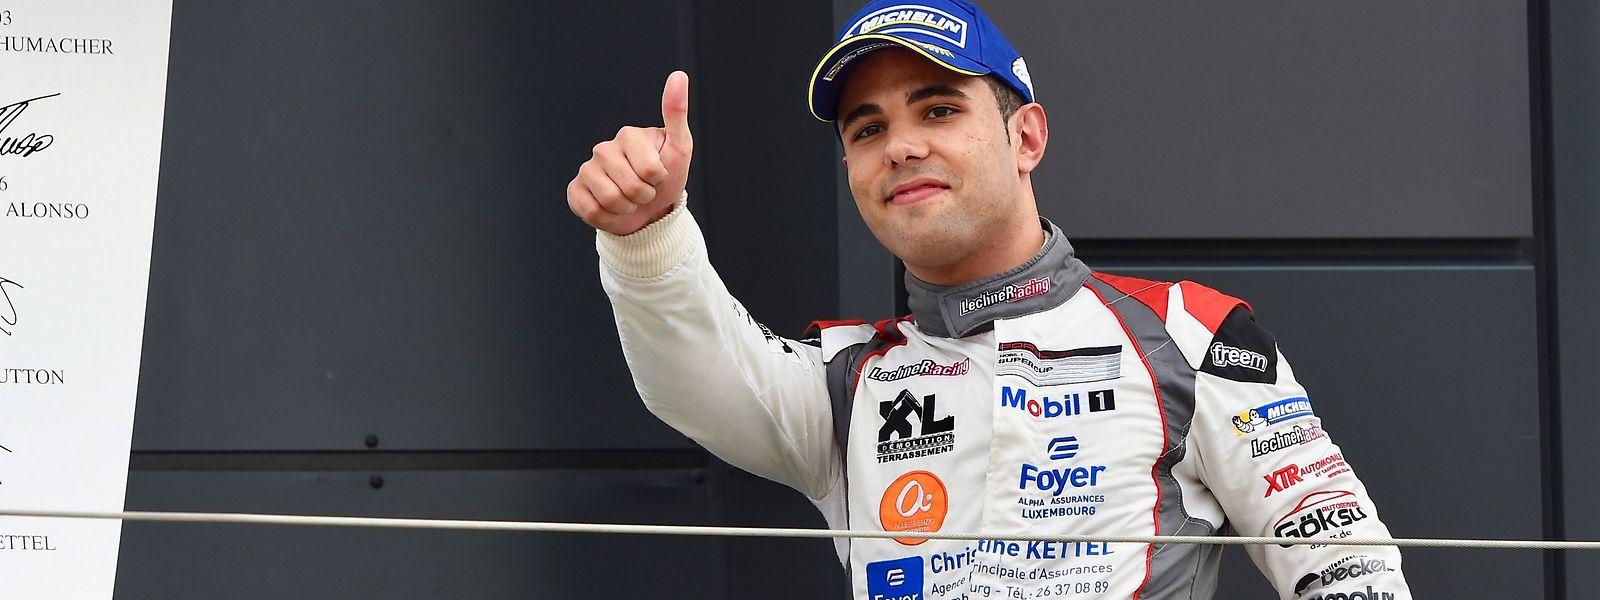 Dylan Pereira quer realizar o sonho de se tornar piloto profissional de uma marca reconhecida.